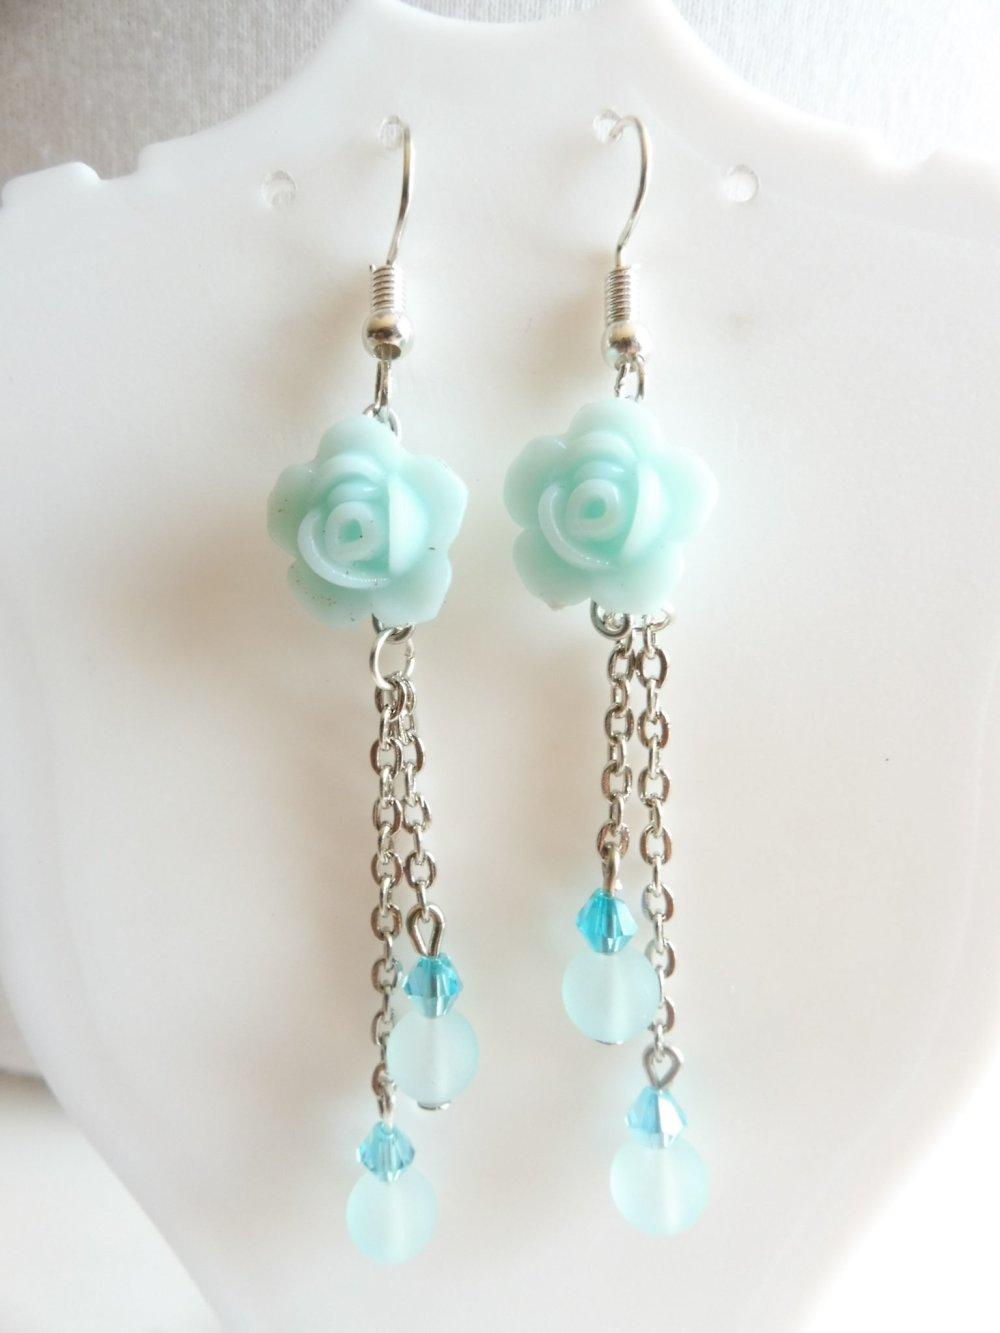 Boucles d'oreilles bleu clair avec des roses, bijoux bleu